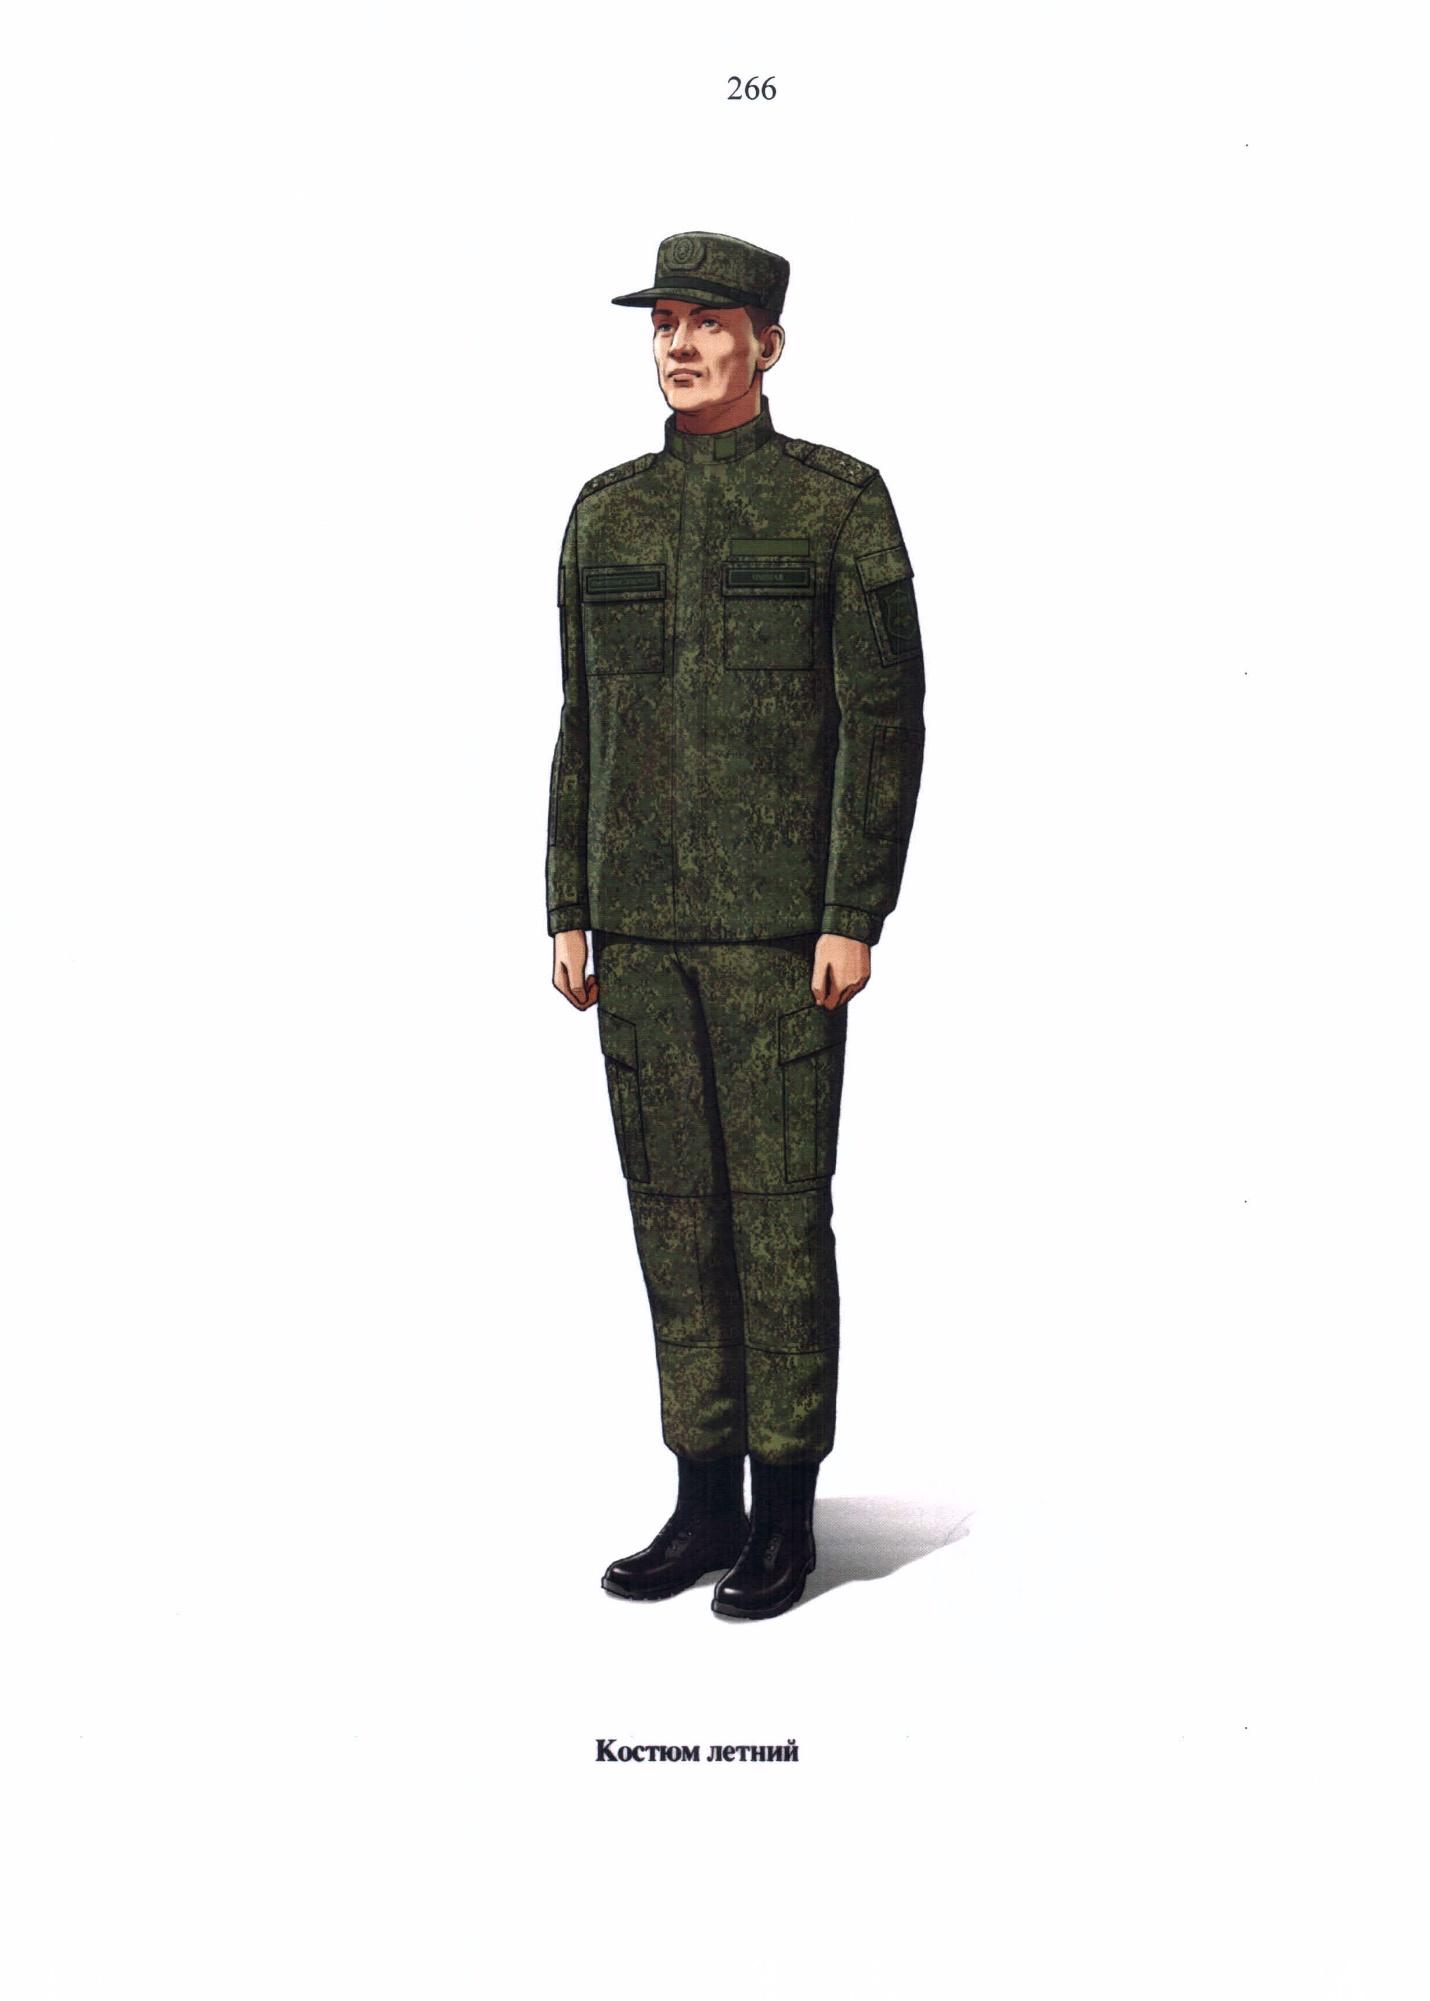 C:\Users\User\Desktop\Приказ МО РФ от 22.06.2015 г. № 300 Правила ношения военной формы одежды\184051.JPG